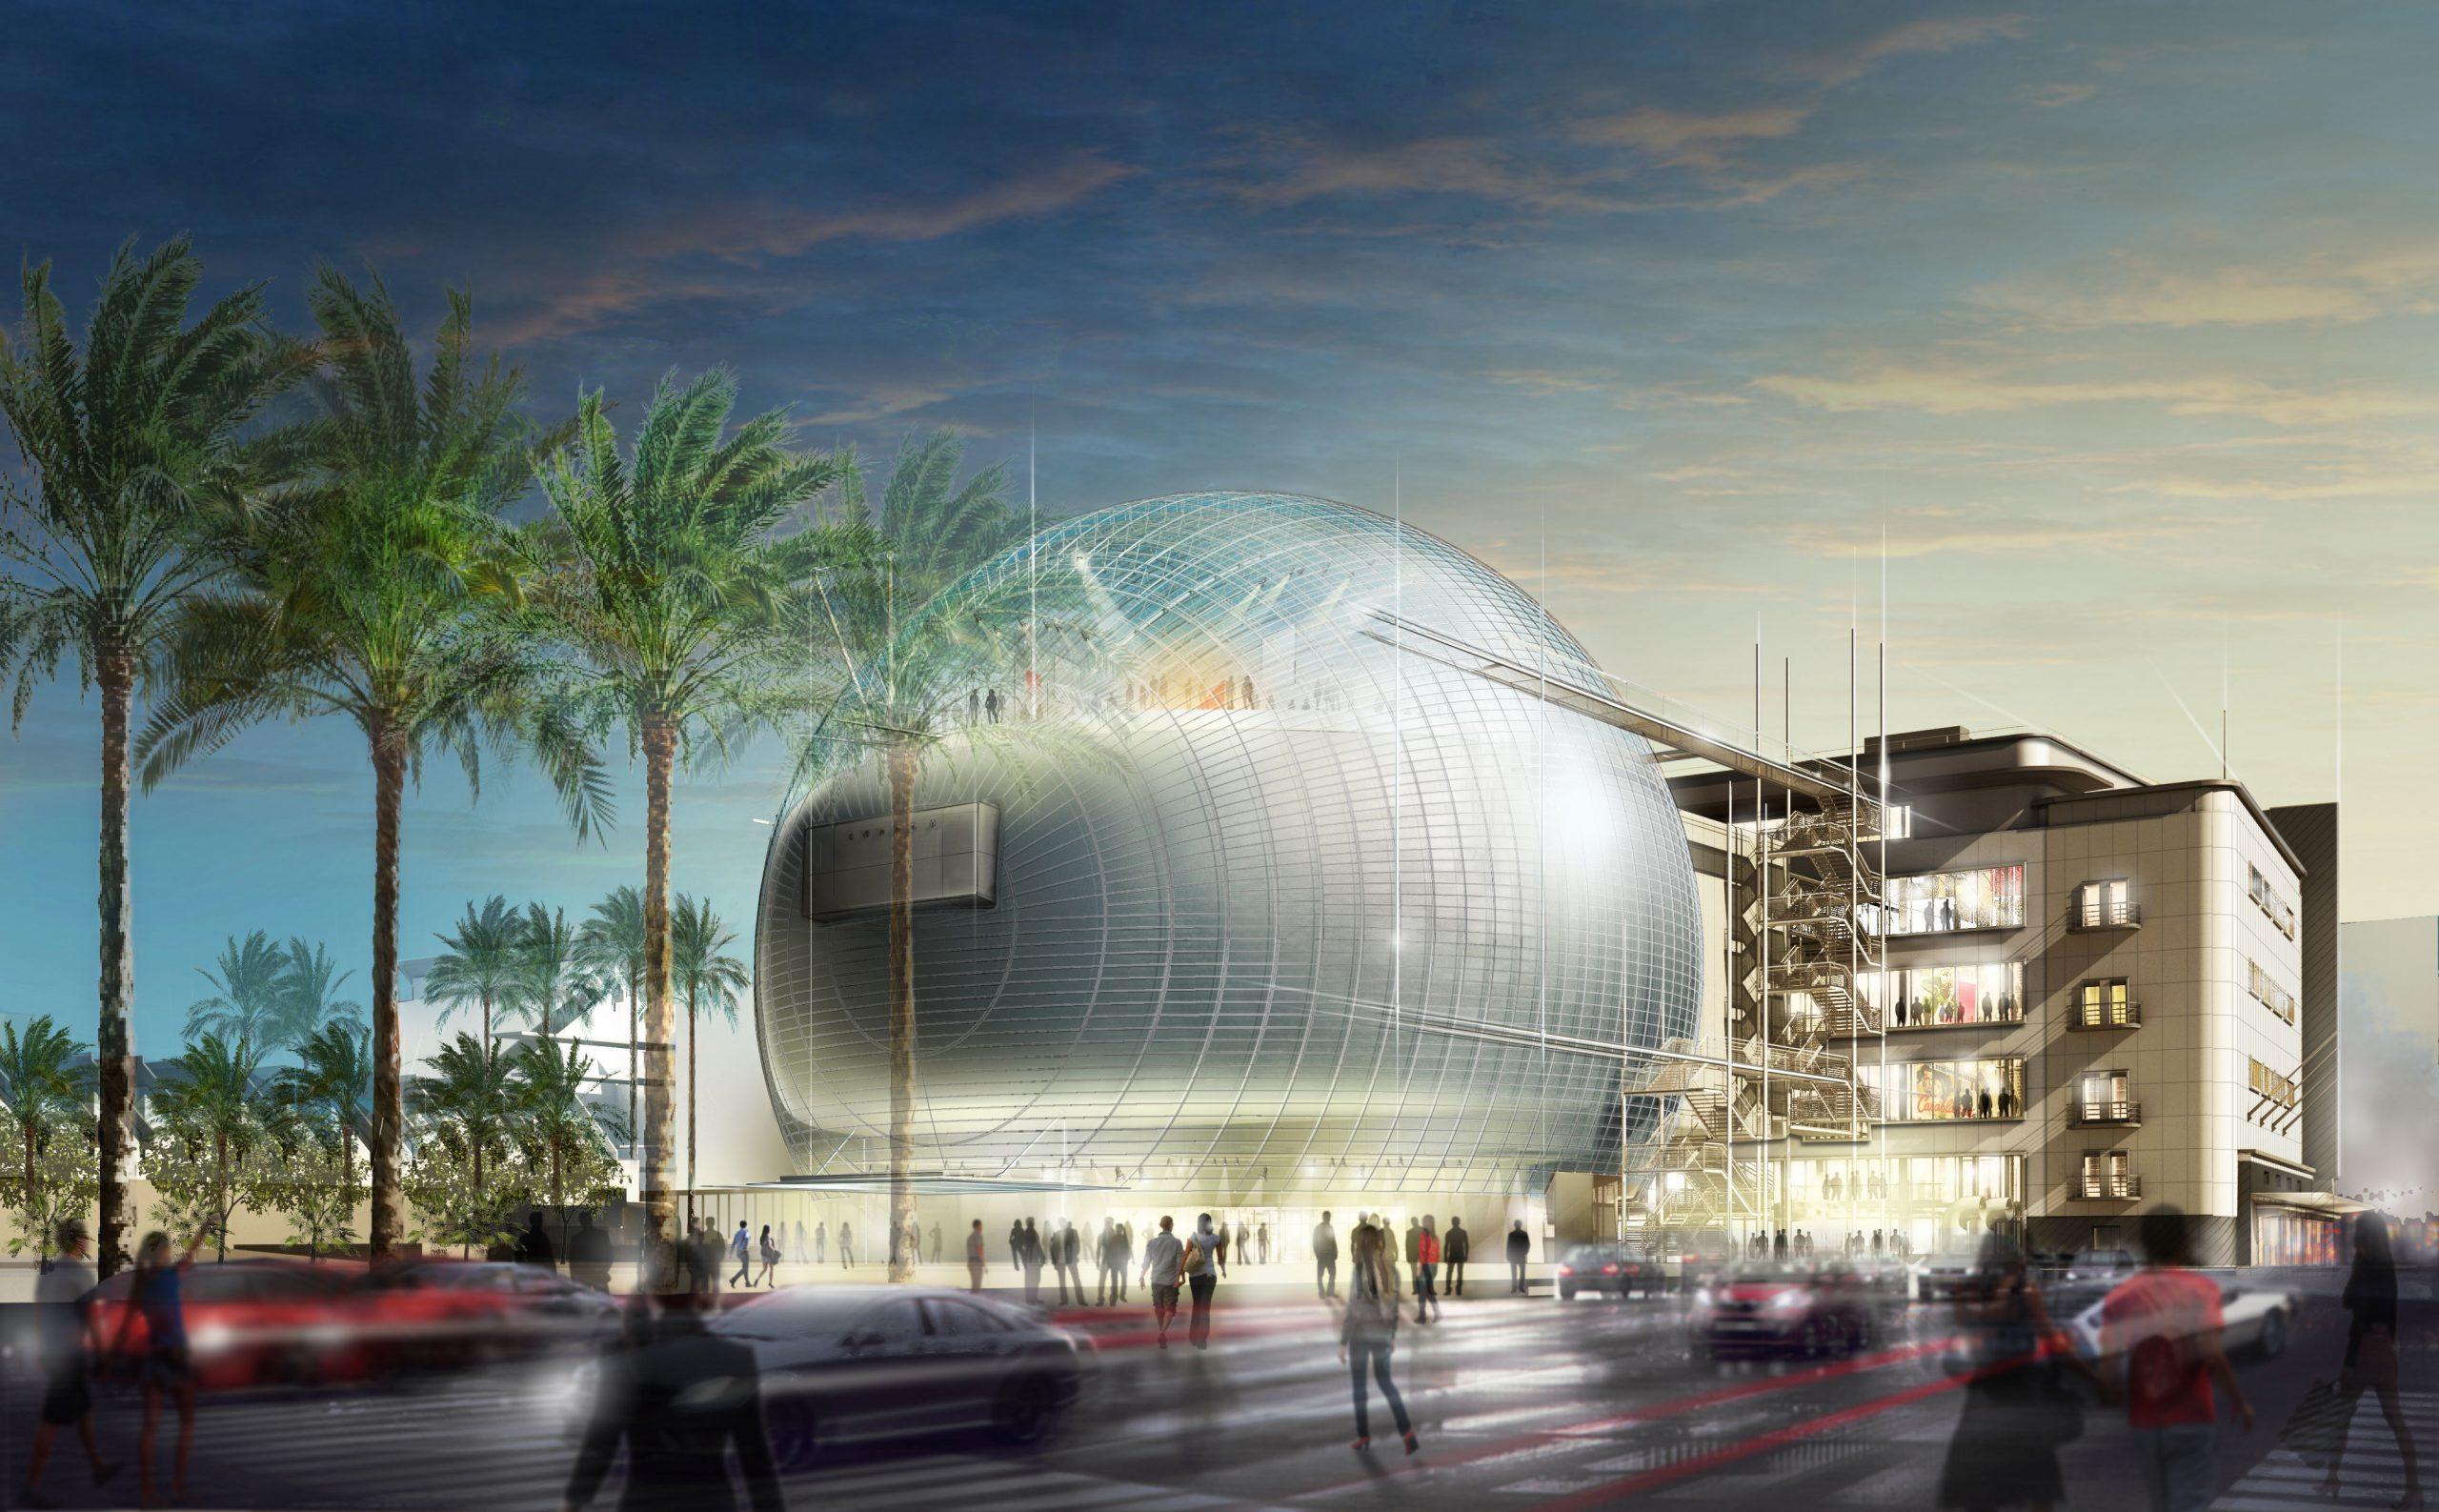 Bảo tàng Điện ảnh sắp khai trương tại Los Angeles